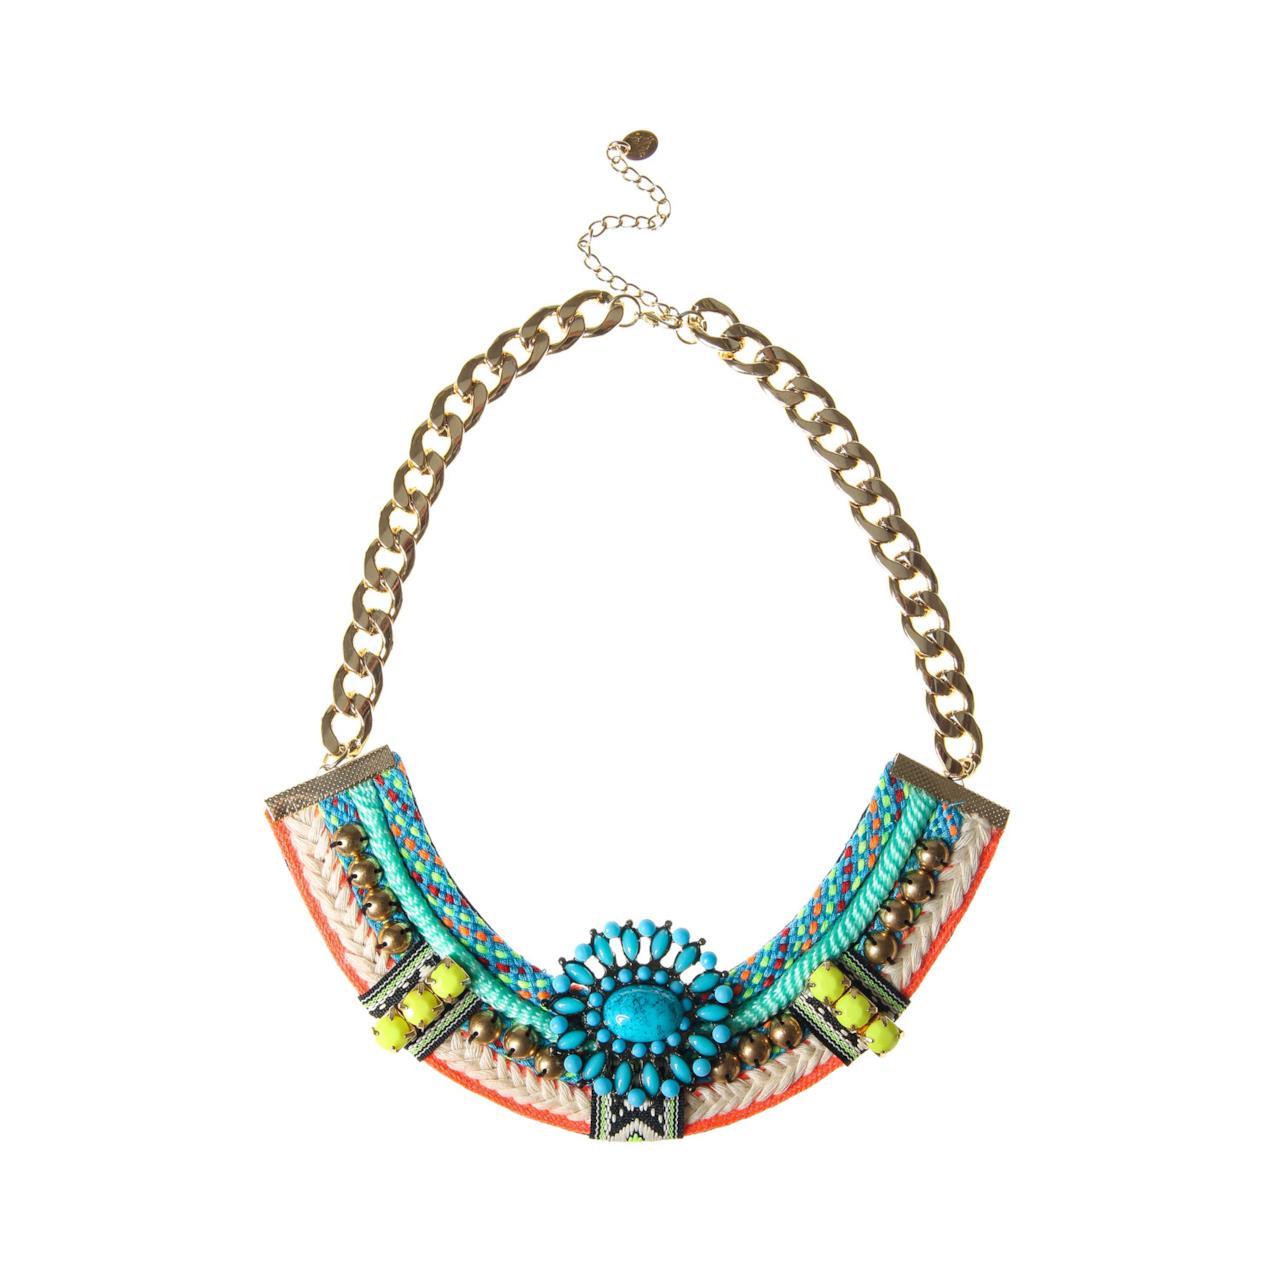 Prism di Katy Perry e Claire's la nuova linea di gioielli low cost Wildflower Range